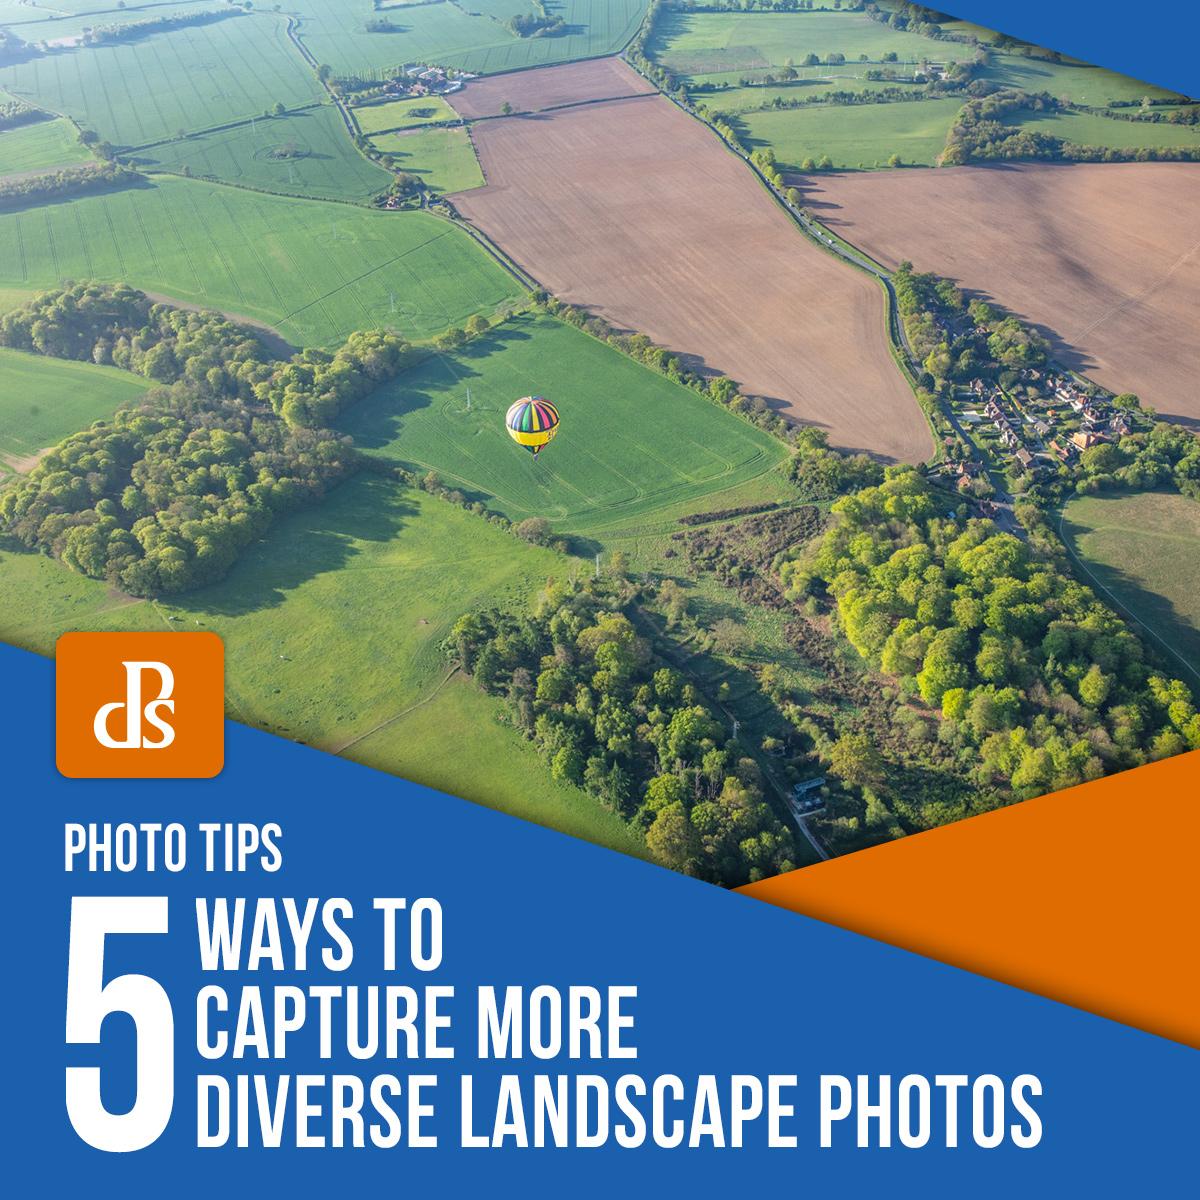 5 Ways to Capture More Diverse Landscape Photos